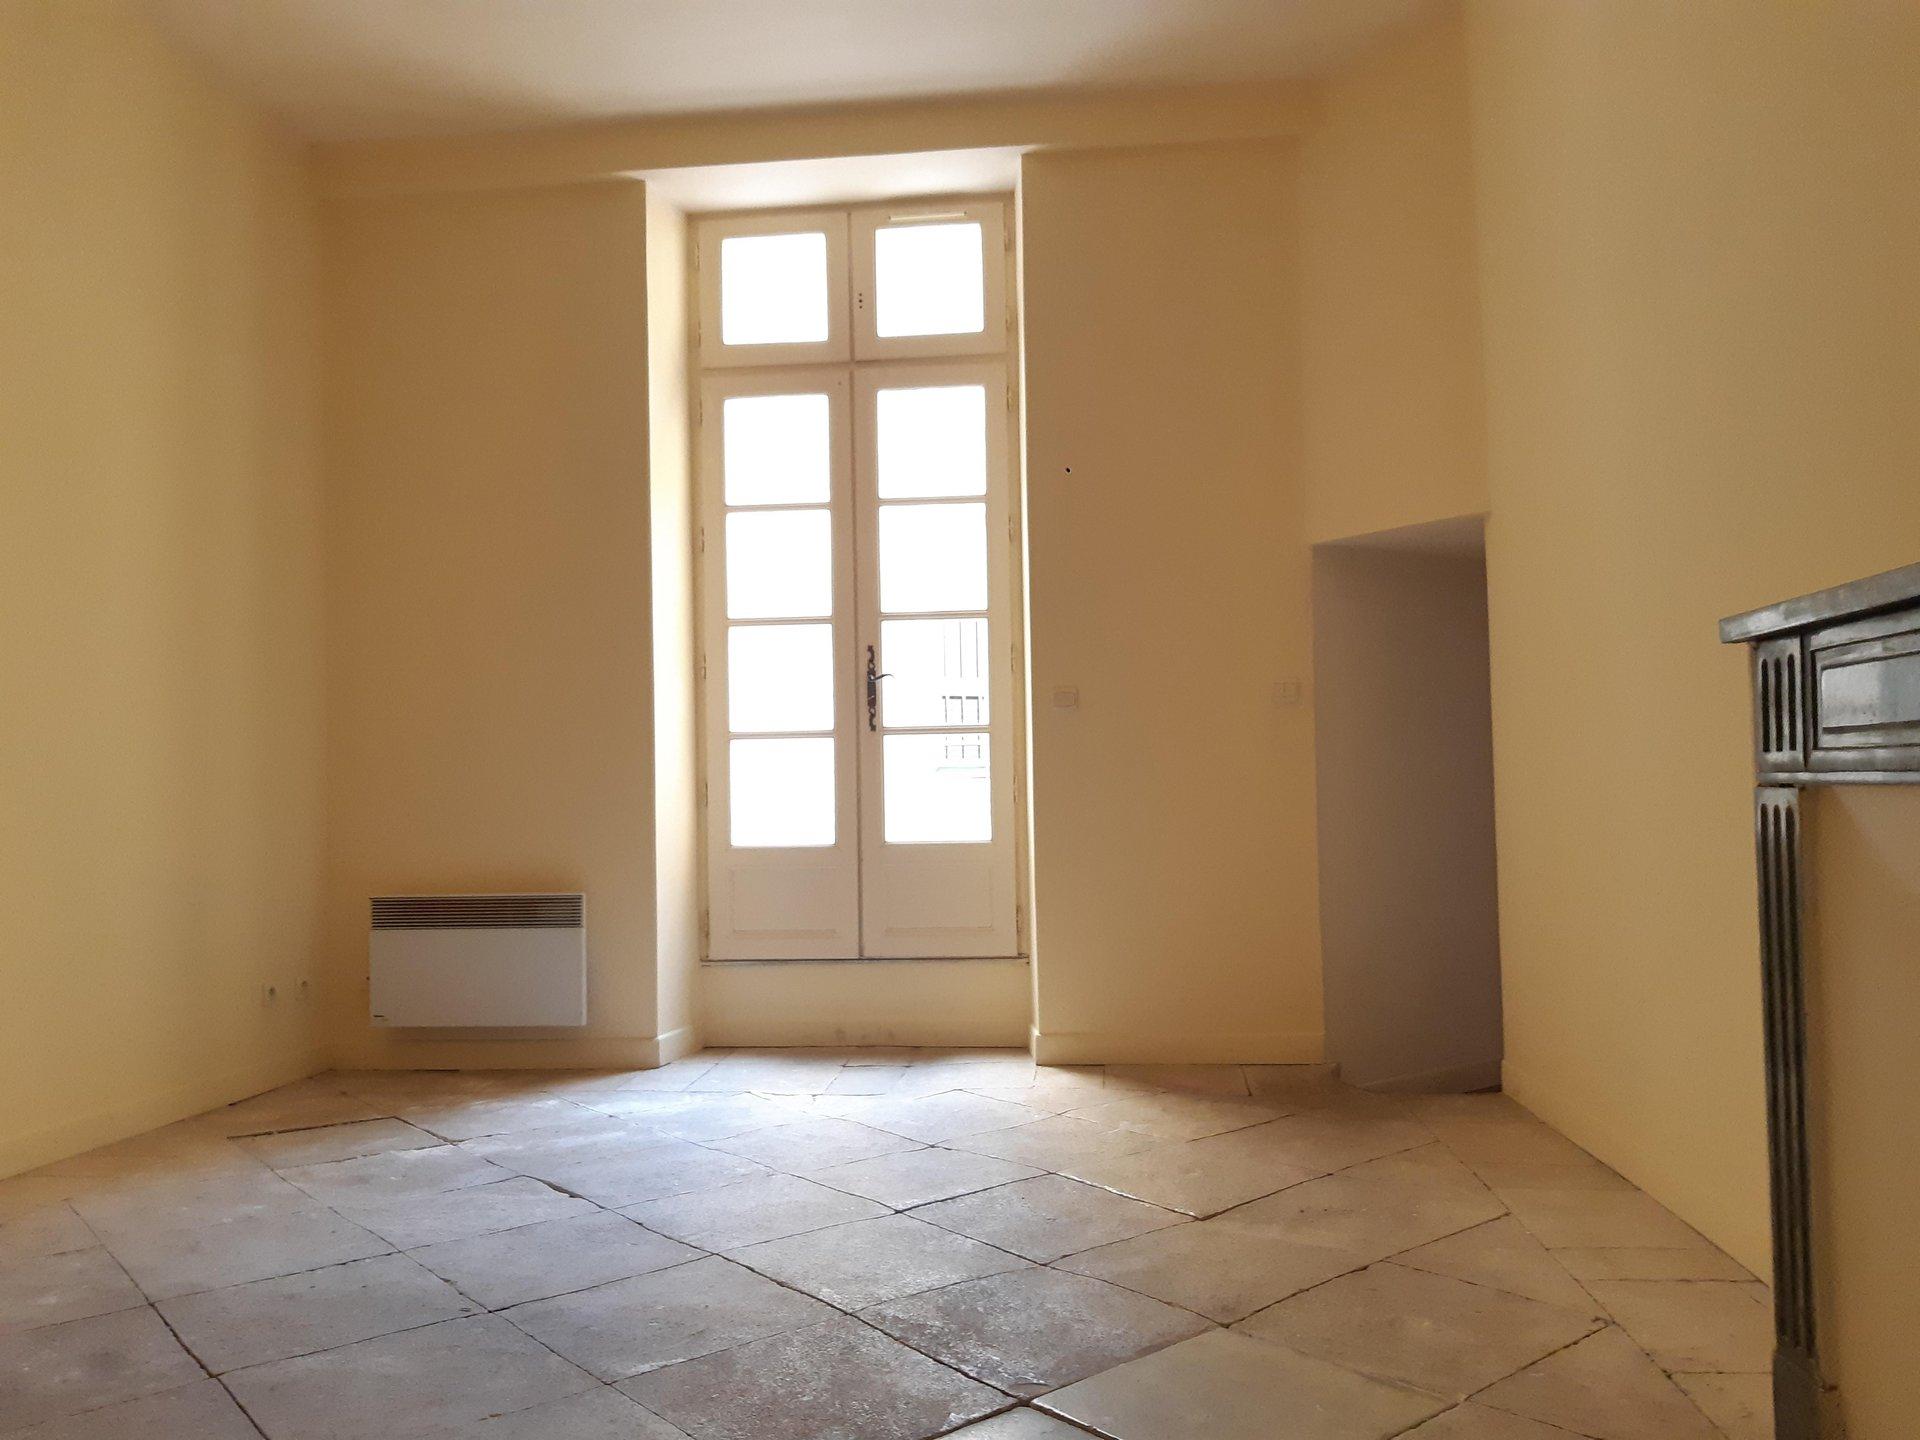 Location Appartement BEAUCAIRE surface habitable de 74 m²